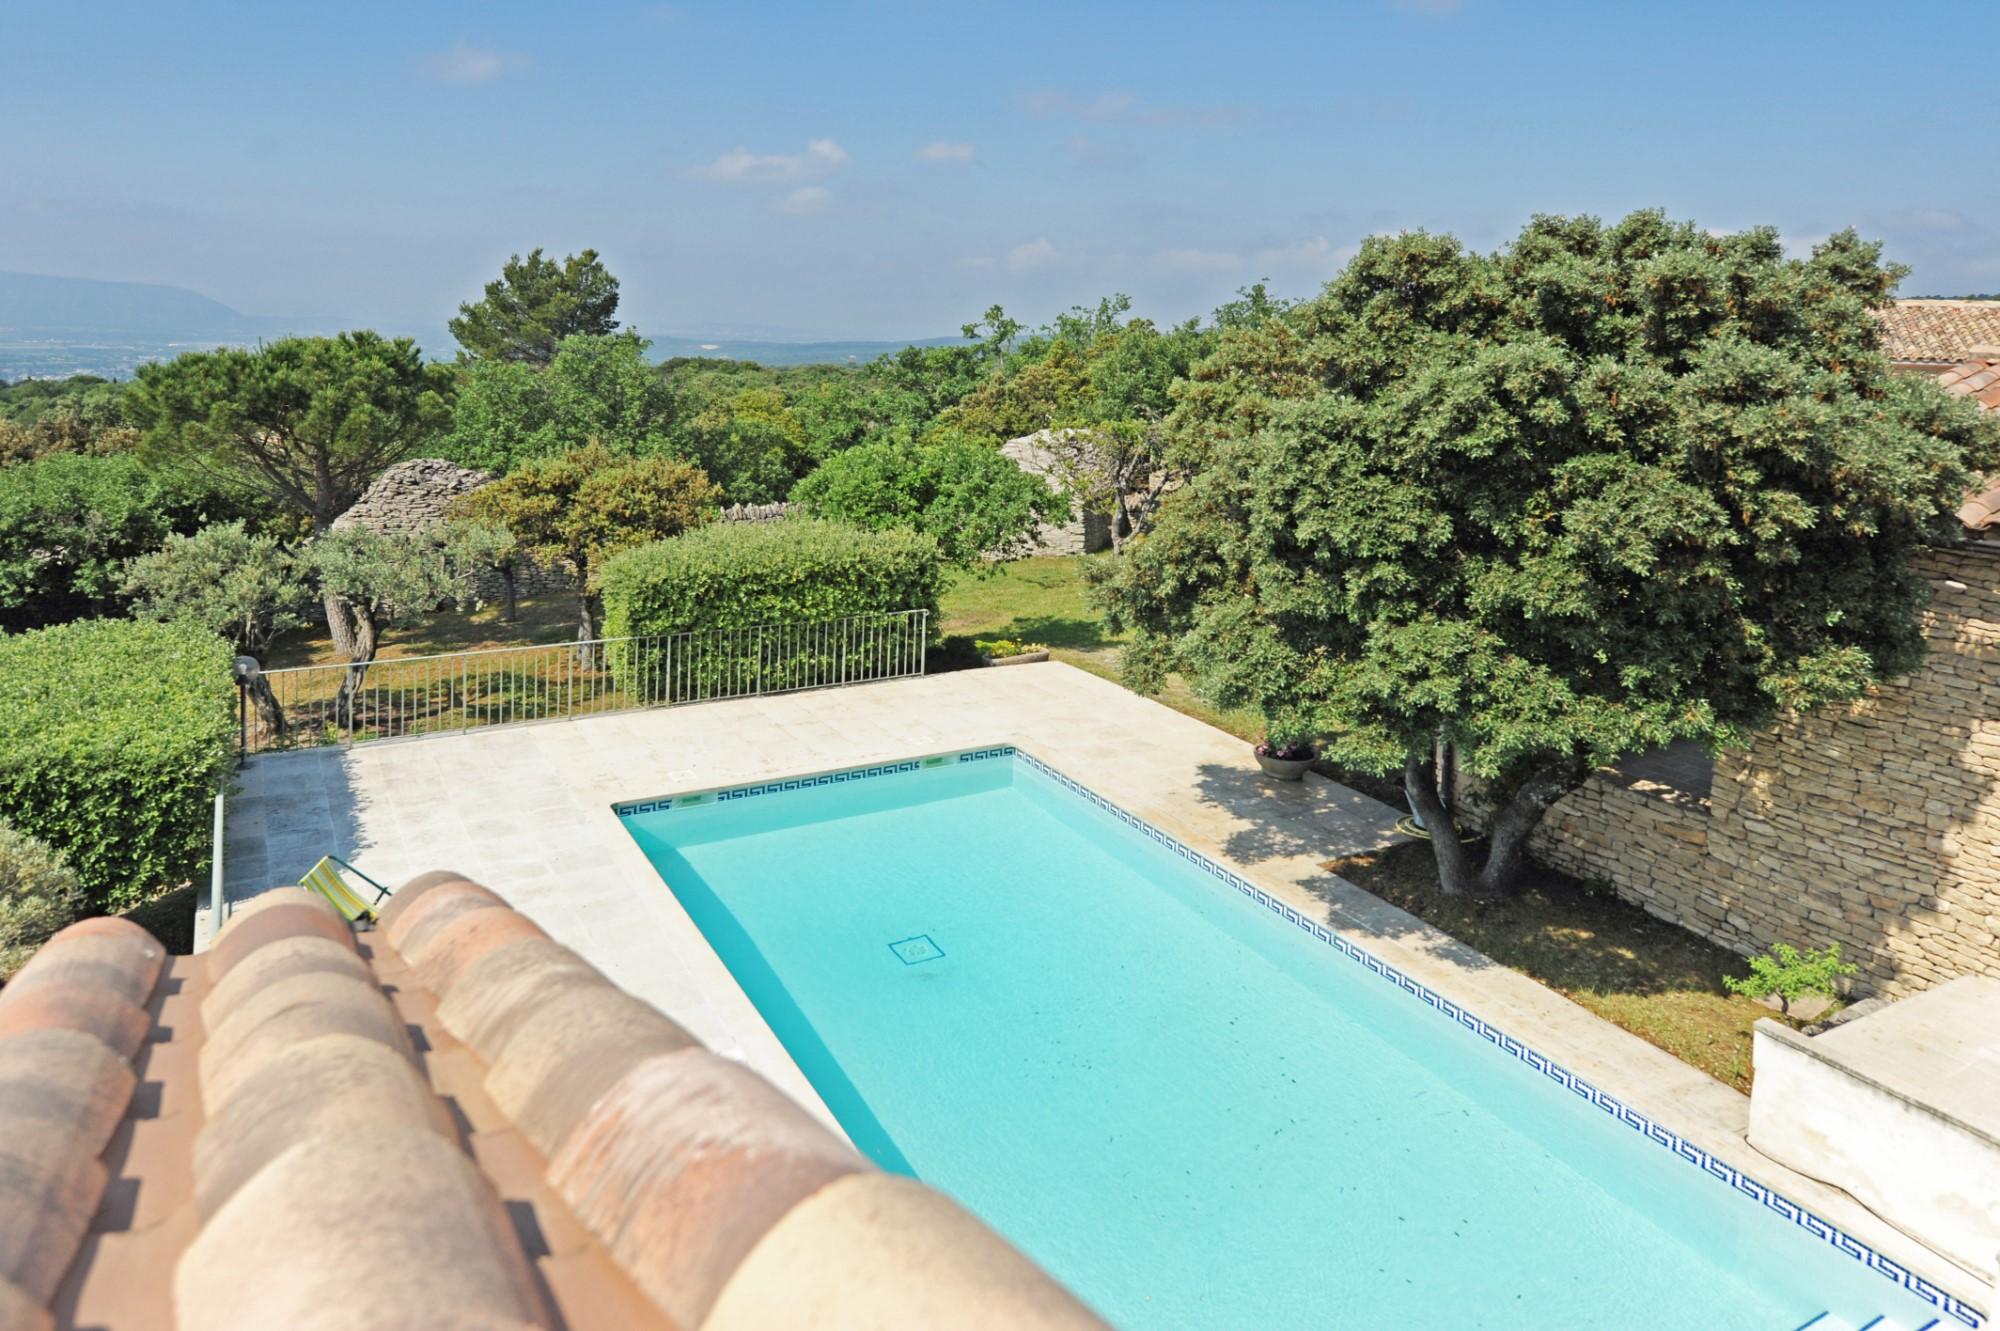 Maison à vendre à Gordes, avec piscine et vue sublime